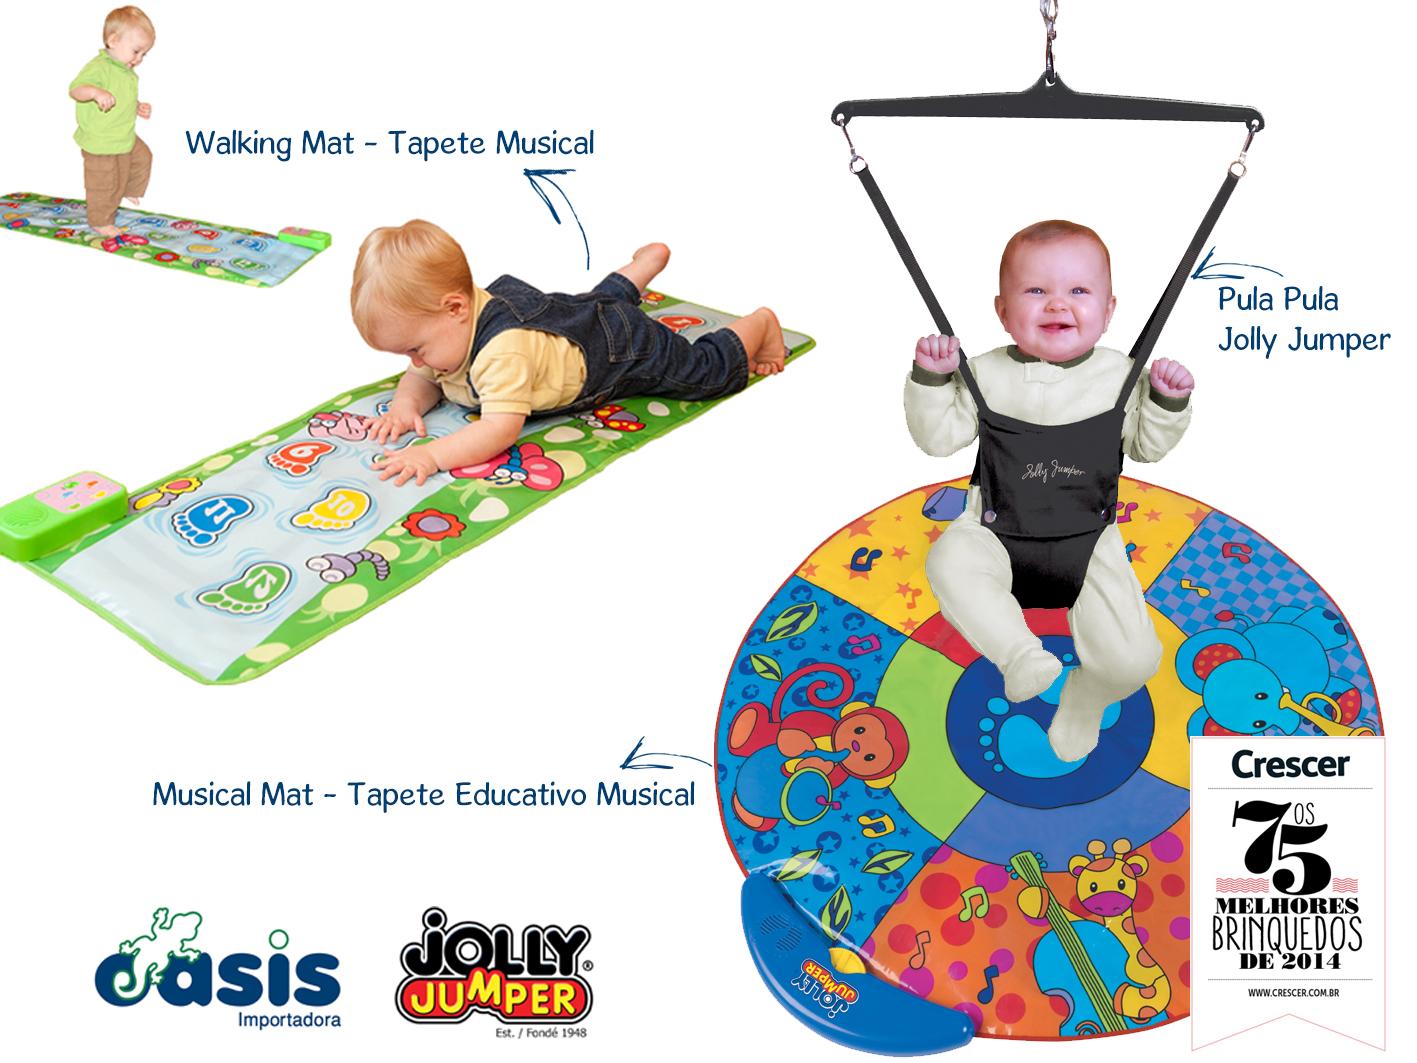 Oasis Importadora traz uma série de novidades em produtos para bebês para a Baby Bum